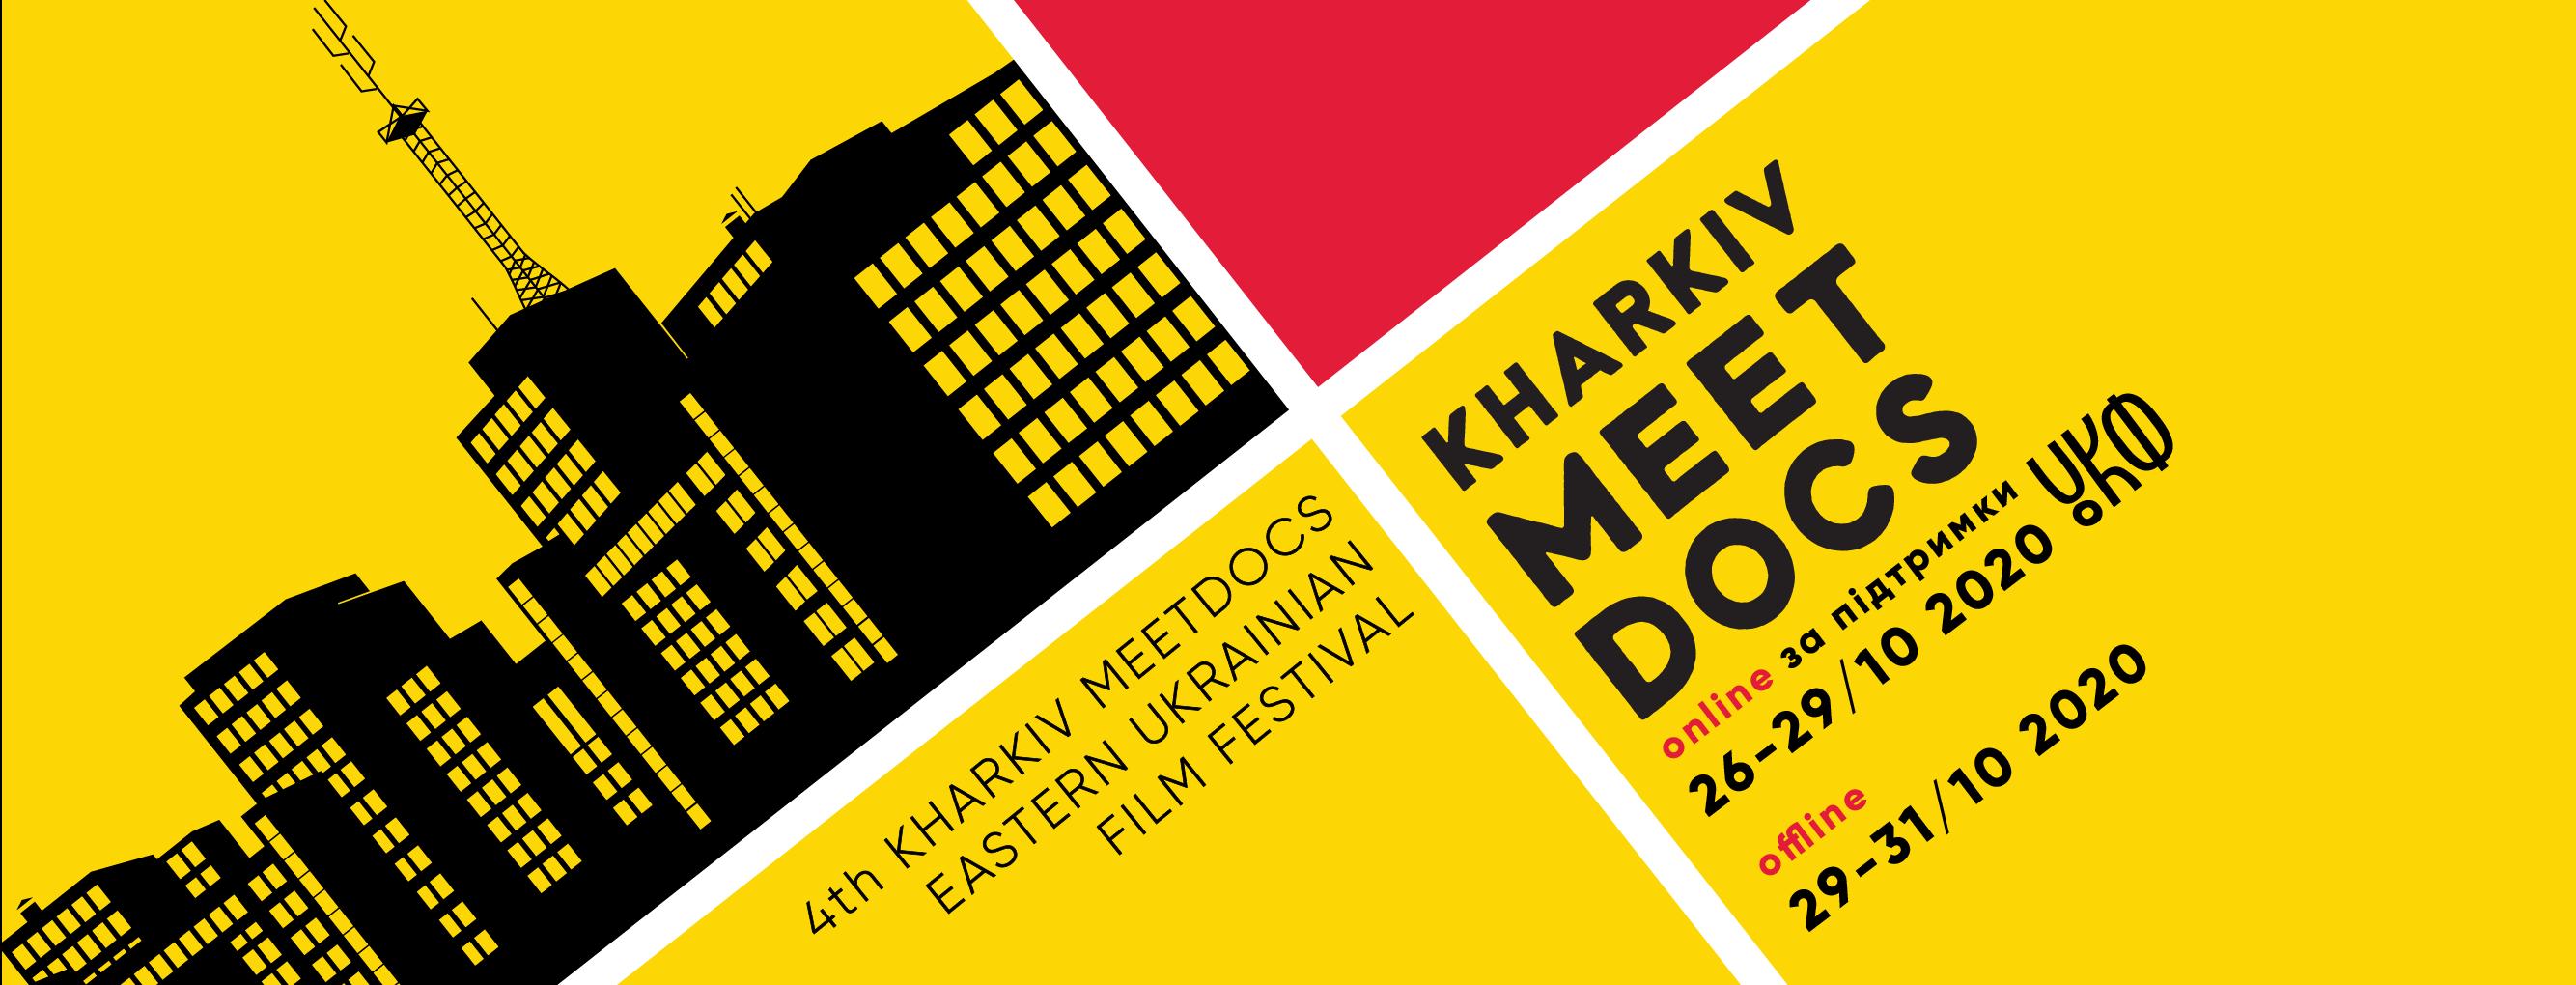 Международный кинофестиваль Kharkiv MeetDocs объявил новую онлайн програму